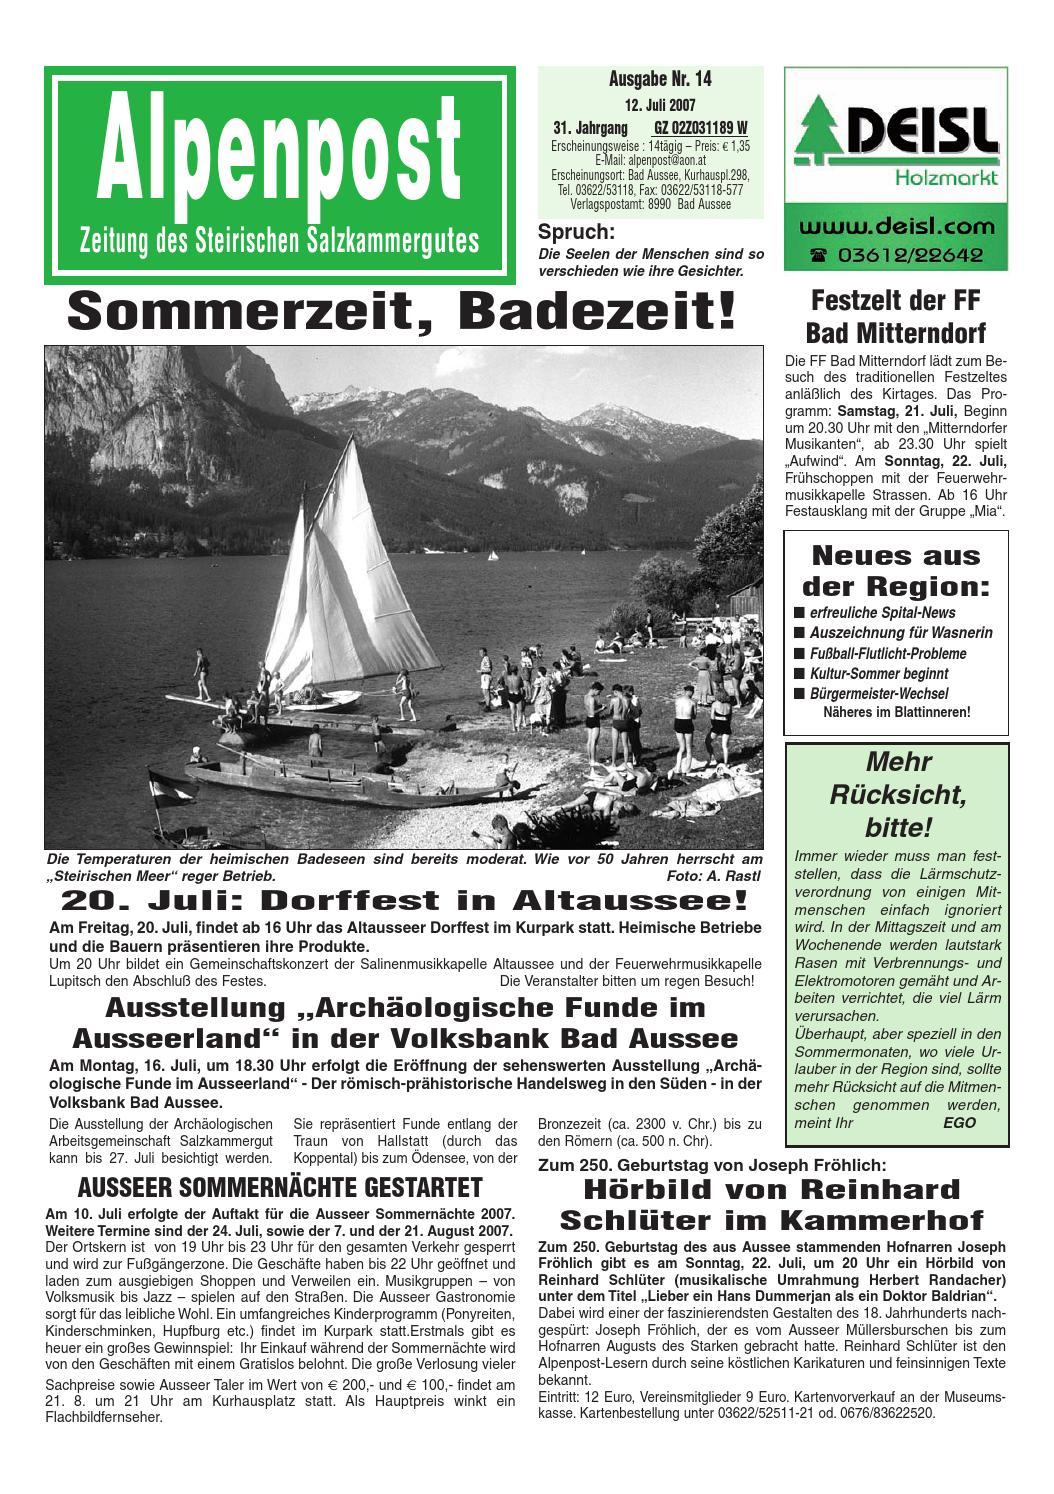 Partnersuche in Bad Aussee - Kontaktanzeigen - 50plus-Treff